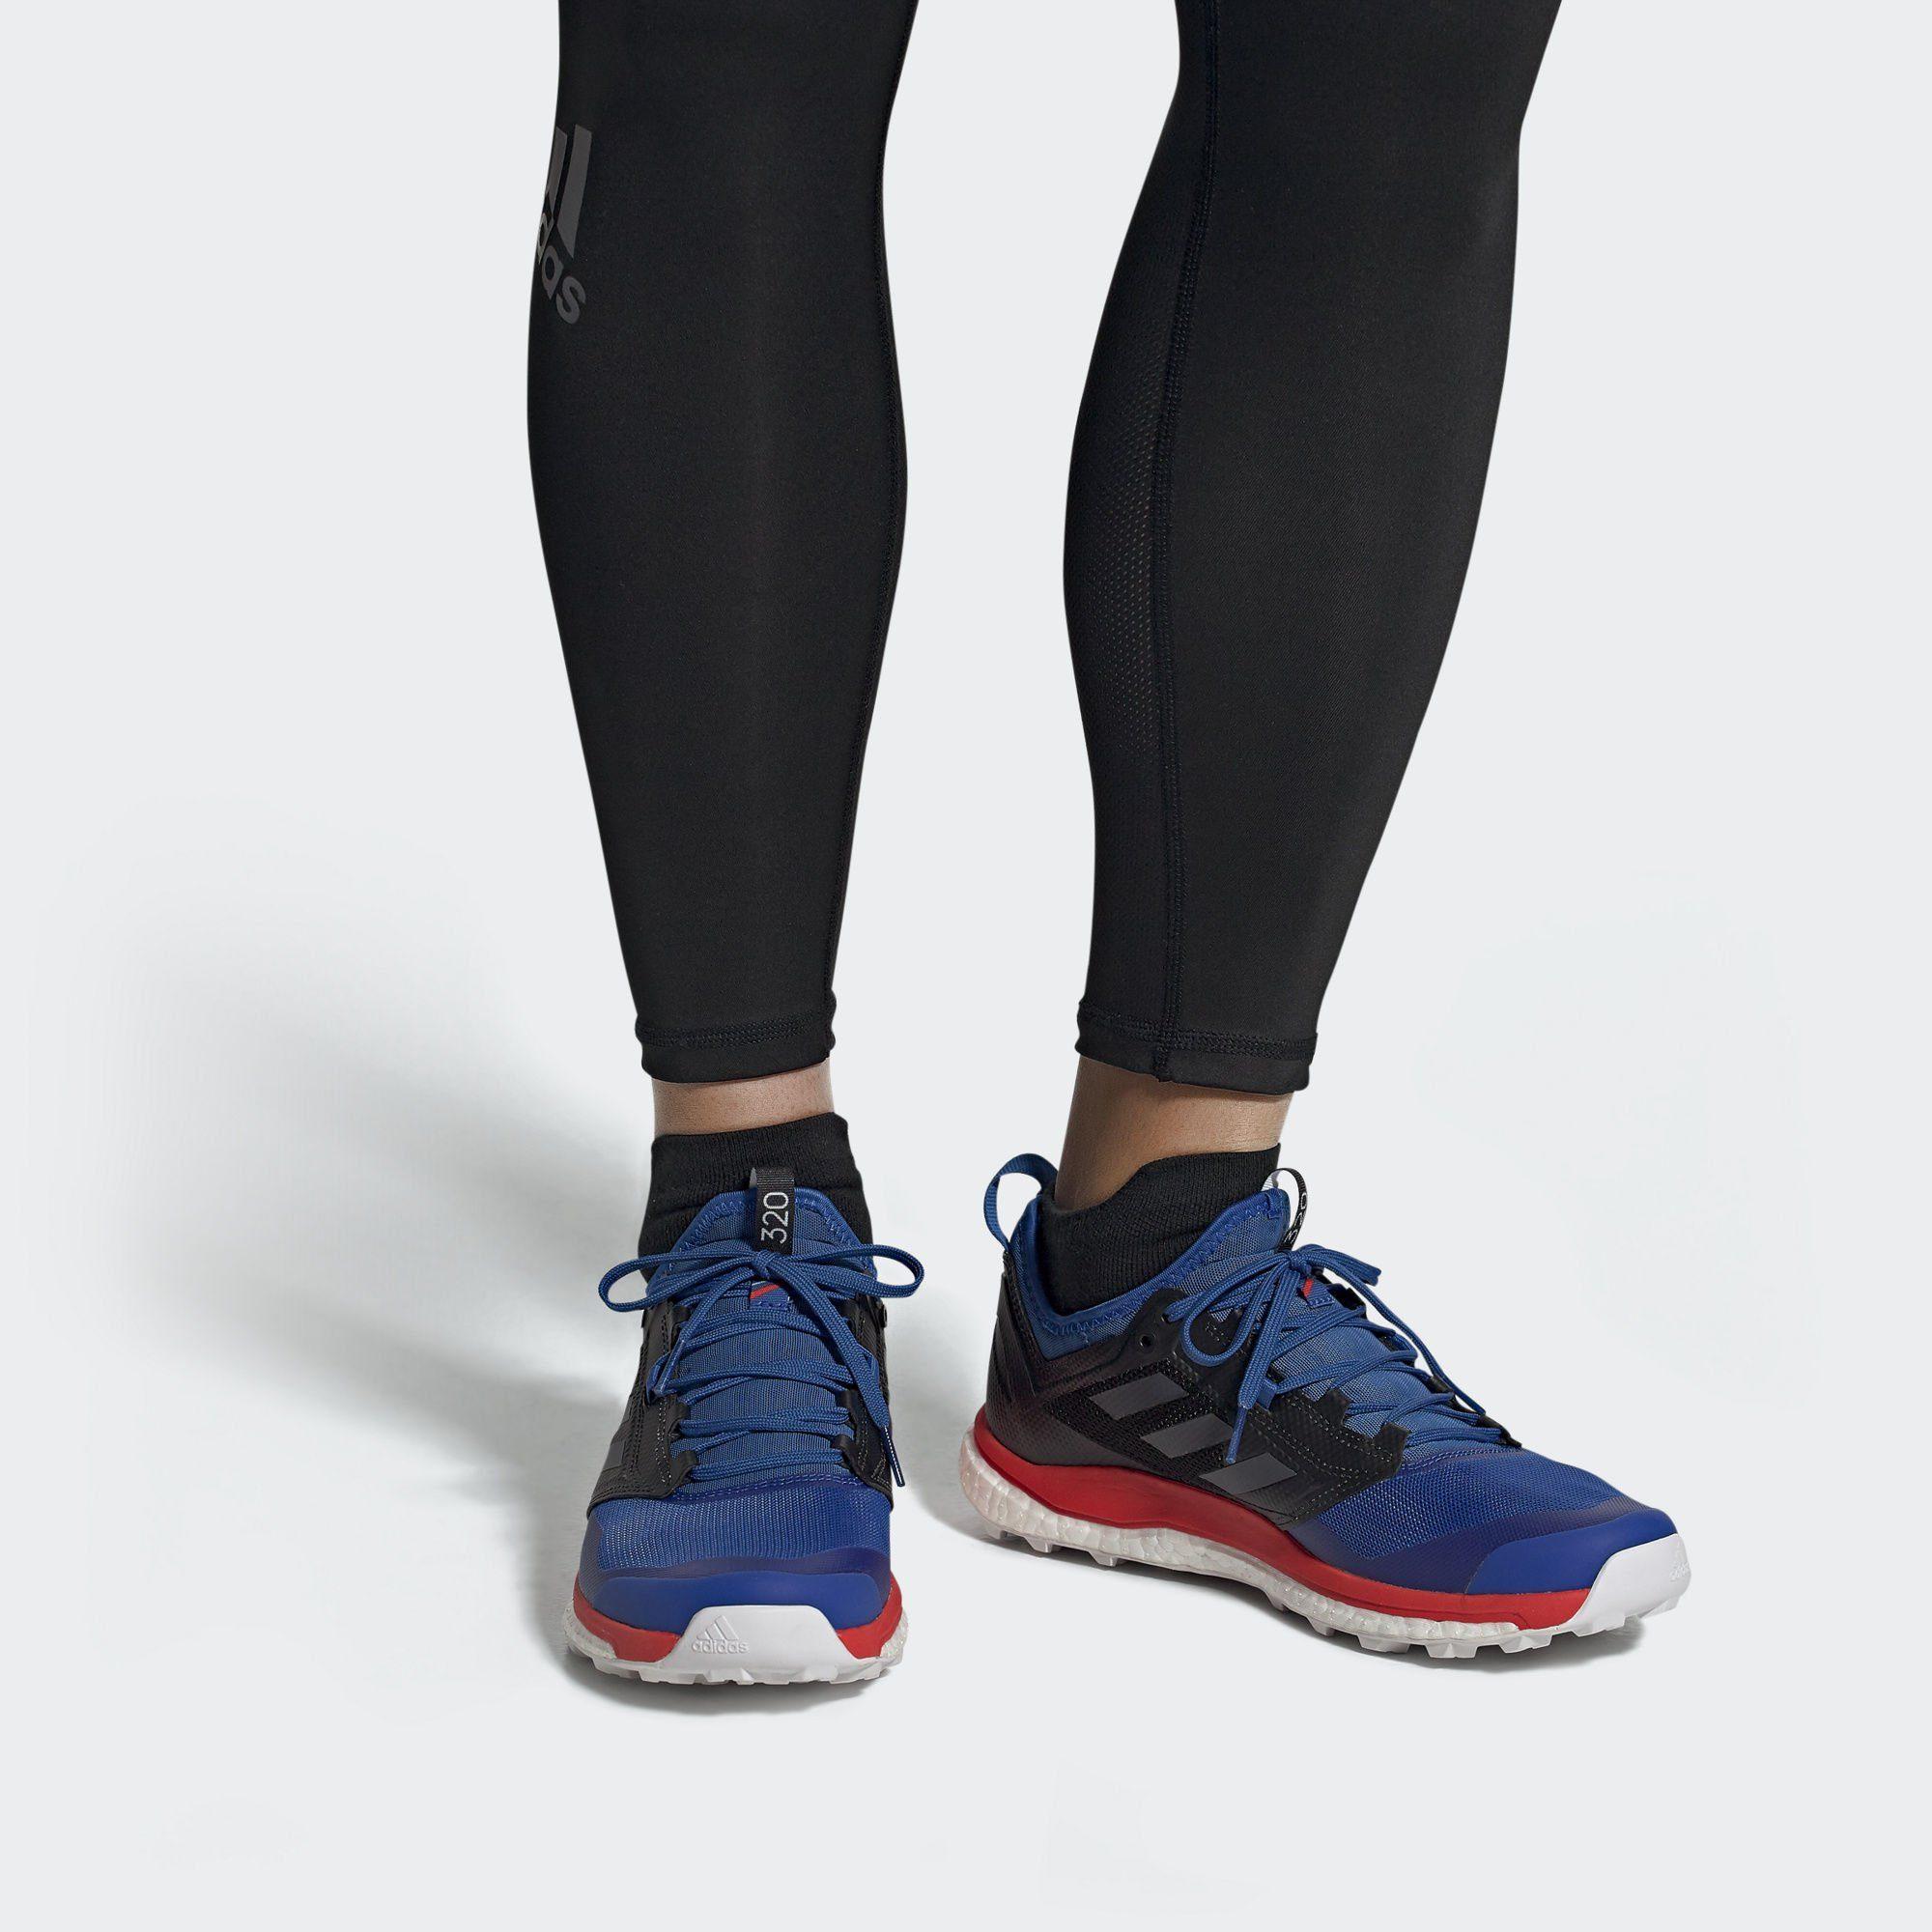 Performance Terrex Xt Adidas 6786836799 Blue Fitnessschuh Agravic Kaufen Schuh Artikel Online nr TqdWn5fWp